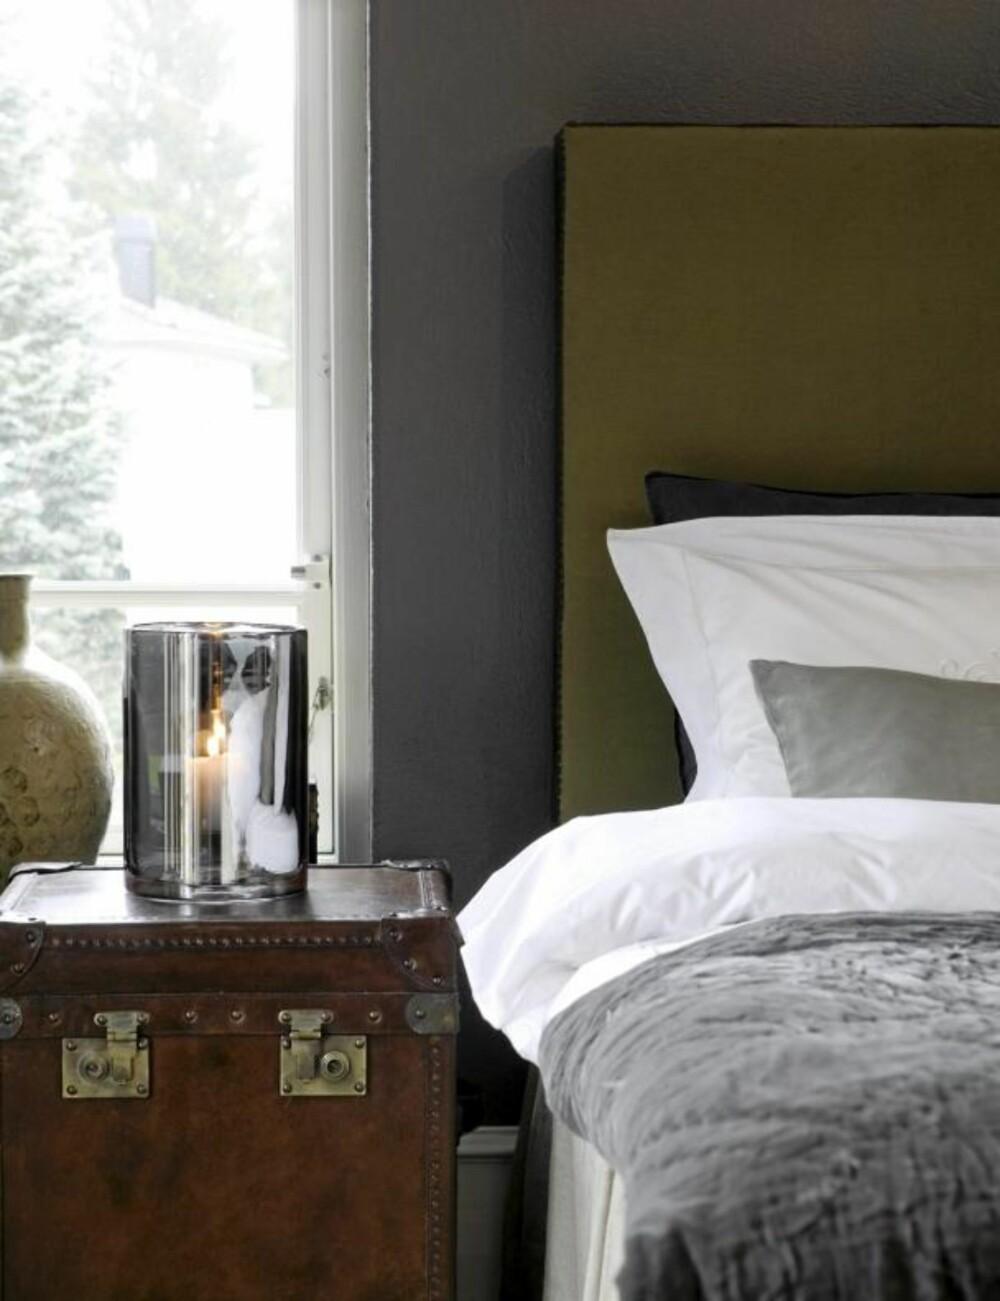 SENGEGAVL: Lag din egen eller kjøp ferdig. En sengegavl gjør soverommet litt mer luksuriøst.